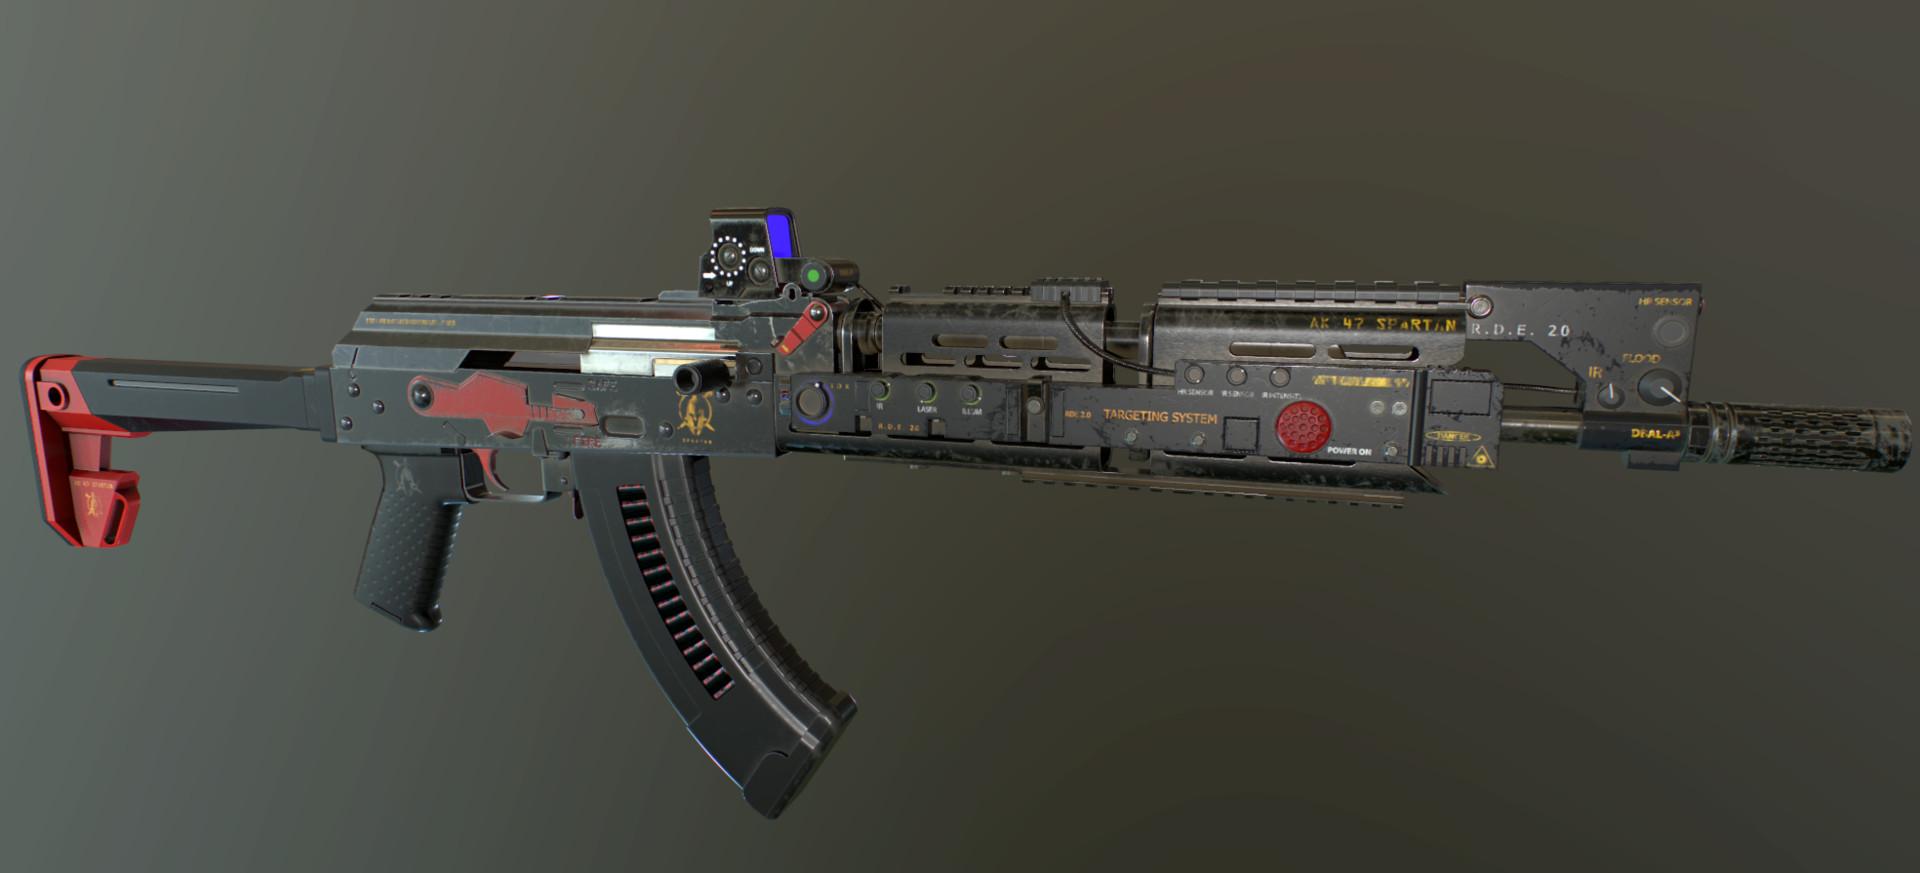 Michael Figueroa - AK 47 Spartan